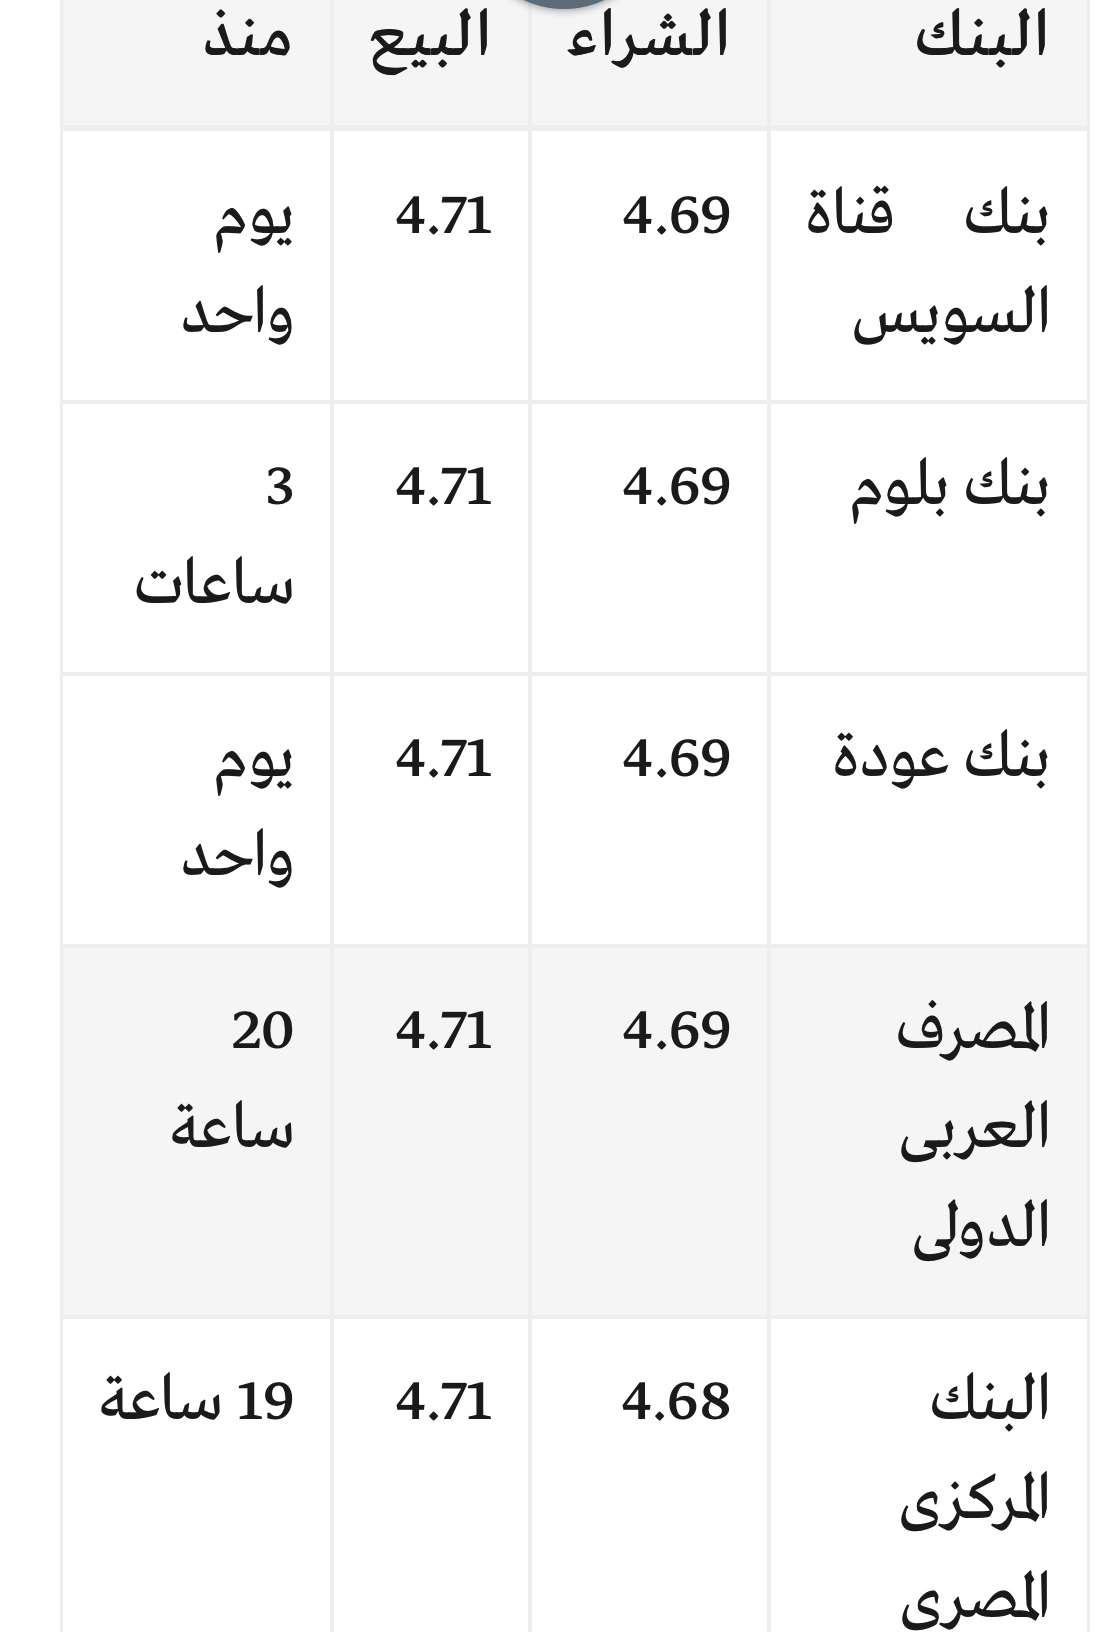 سعر الريال السعودي اليوم جميع البنوك الاثنين 12/3/2018 في مصر والسوق السوداء مقابل الجنيه محدث لحظه بلحظه